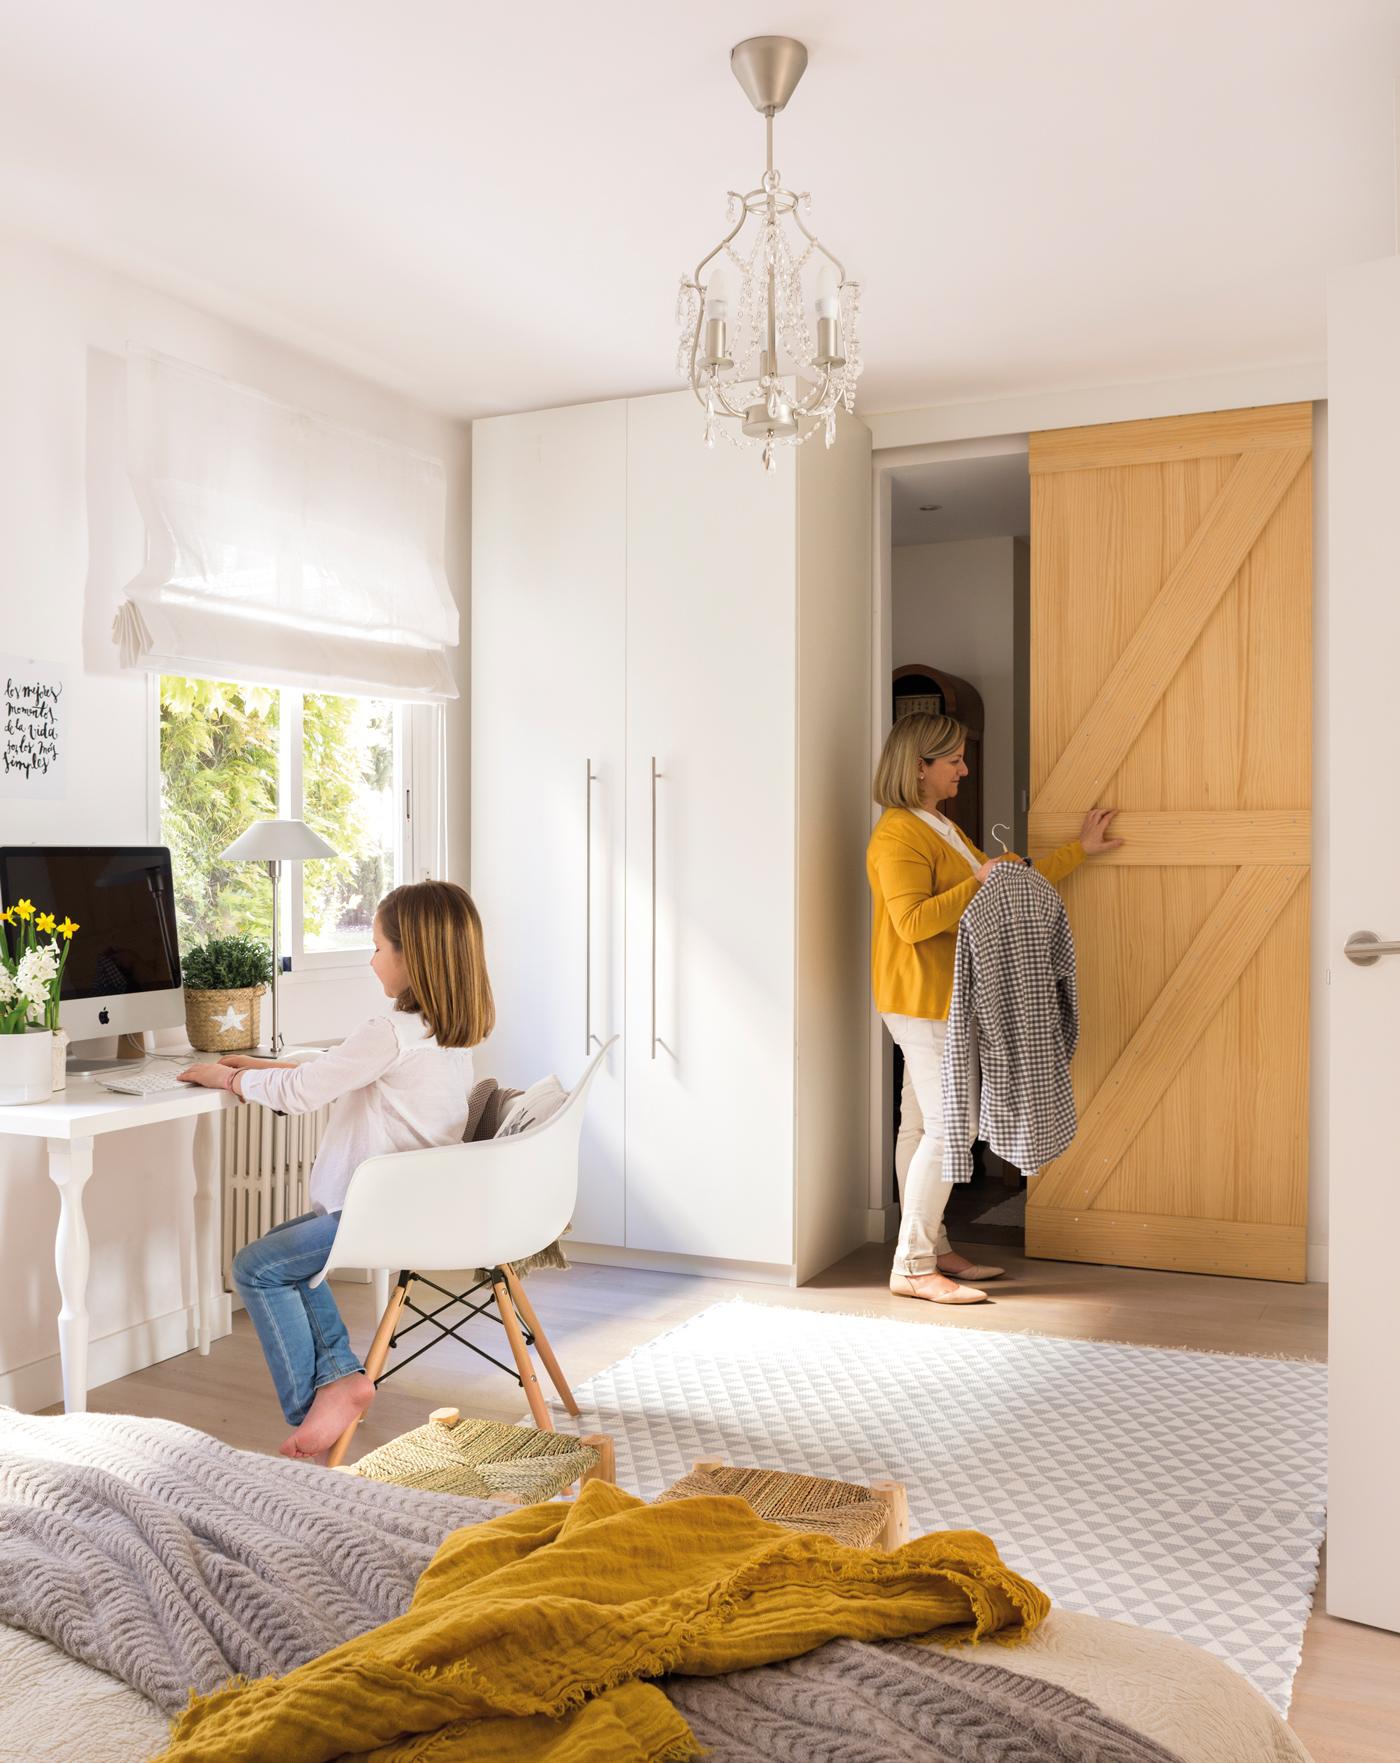 Puertas correderas para evitar barreras y ahorrar espacio for Puertas para dormitorios